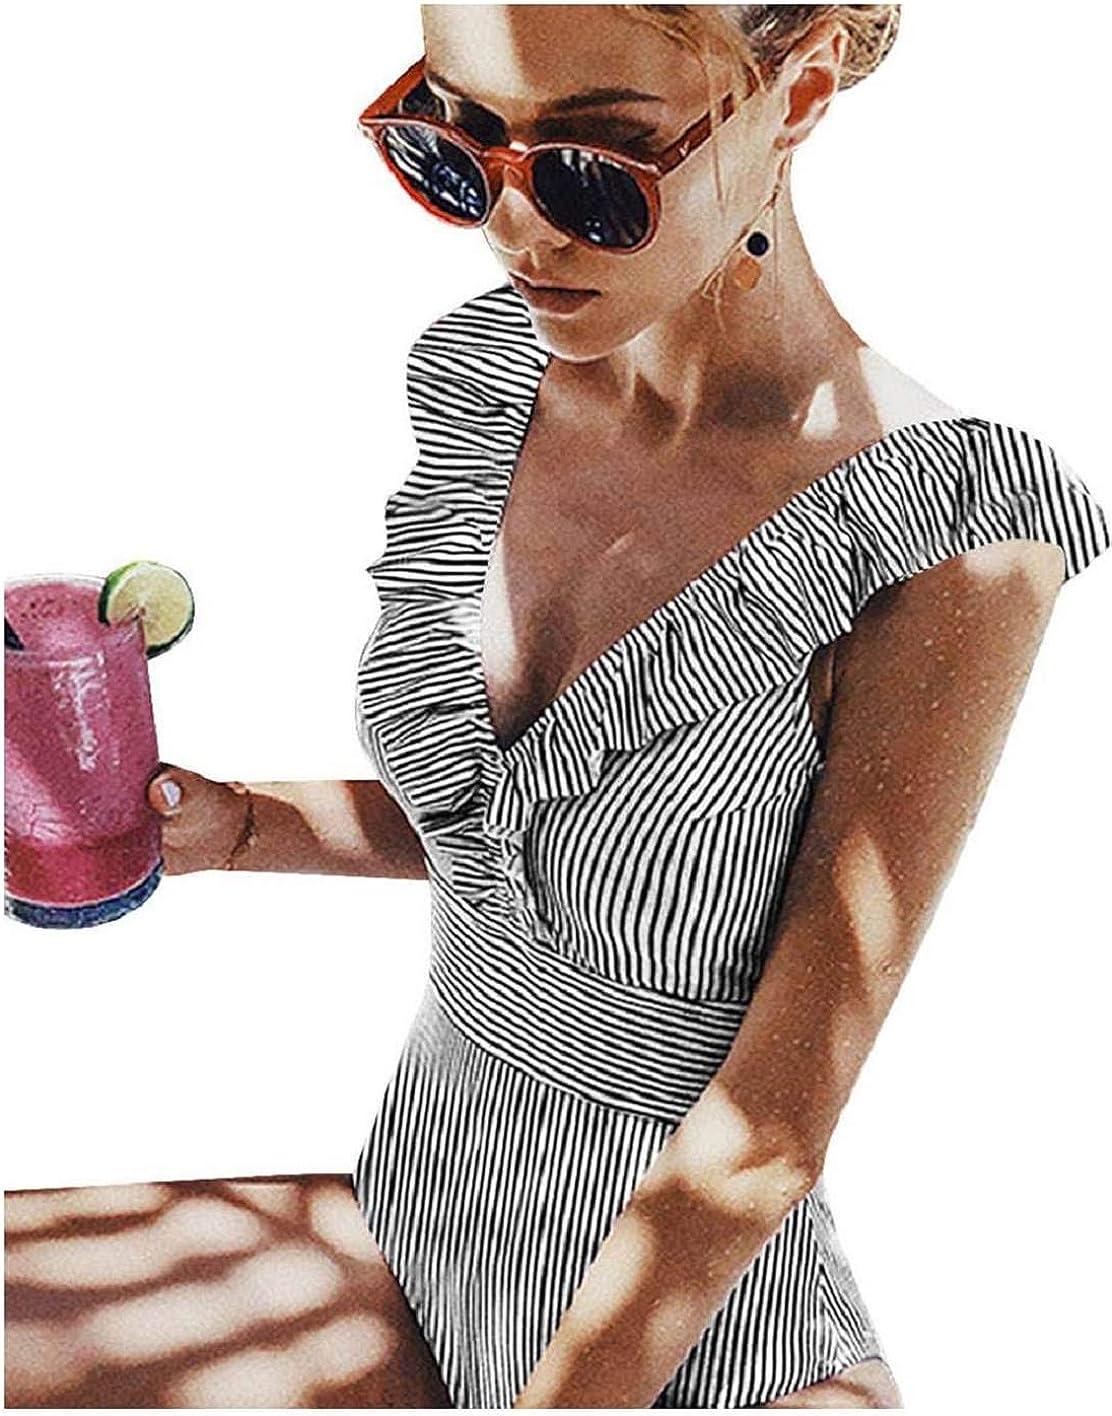 Einteilige Badeanzug Gestreift Damen Strand Bademode V-Ausschnitt figurschmeichelnder vollk/örper Gestreifter Badeanzug mit Blumenmuster Bikini Sets Push Up Damen Badebekleidung Halter Bademode